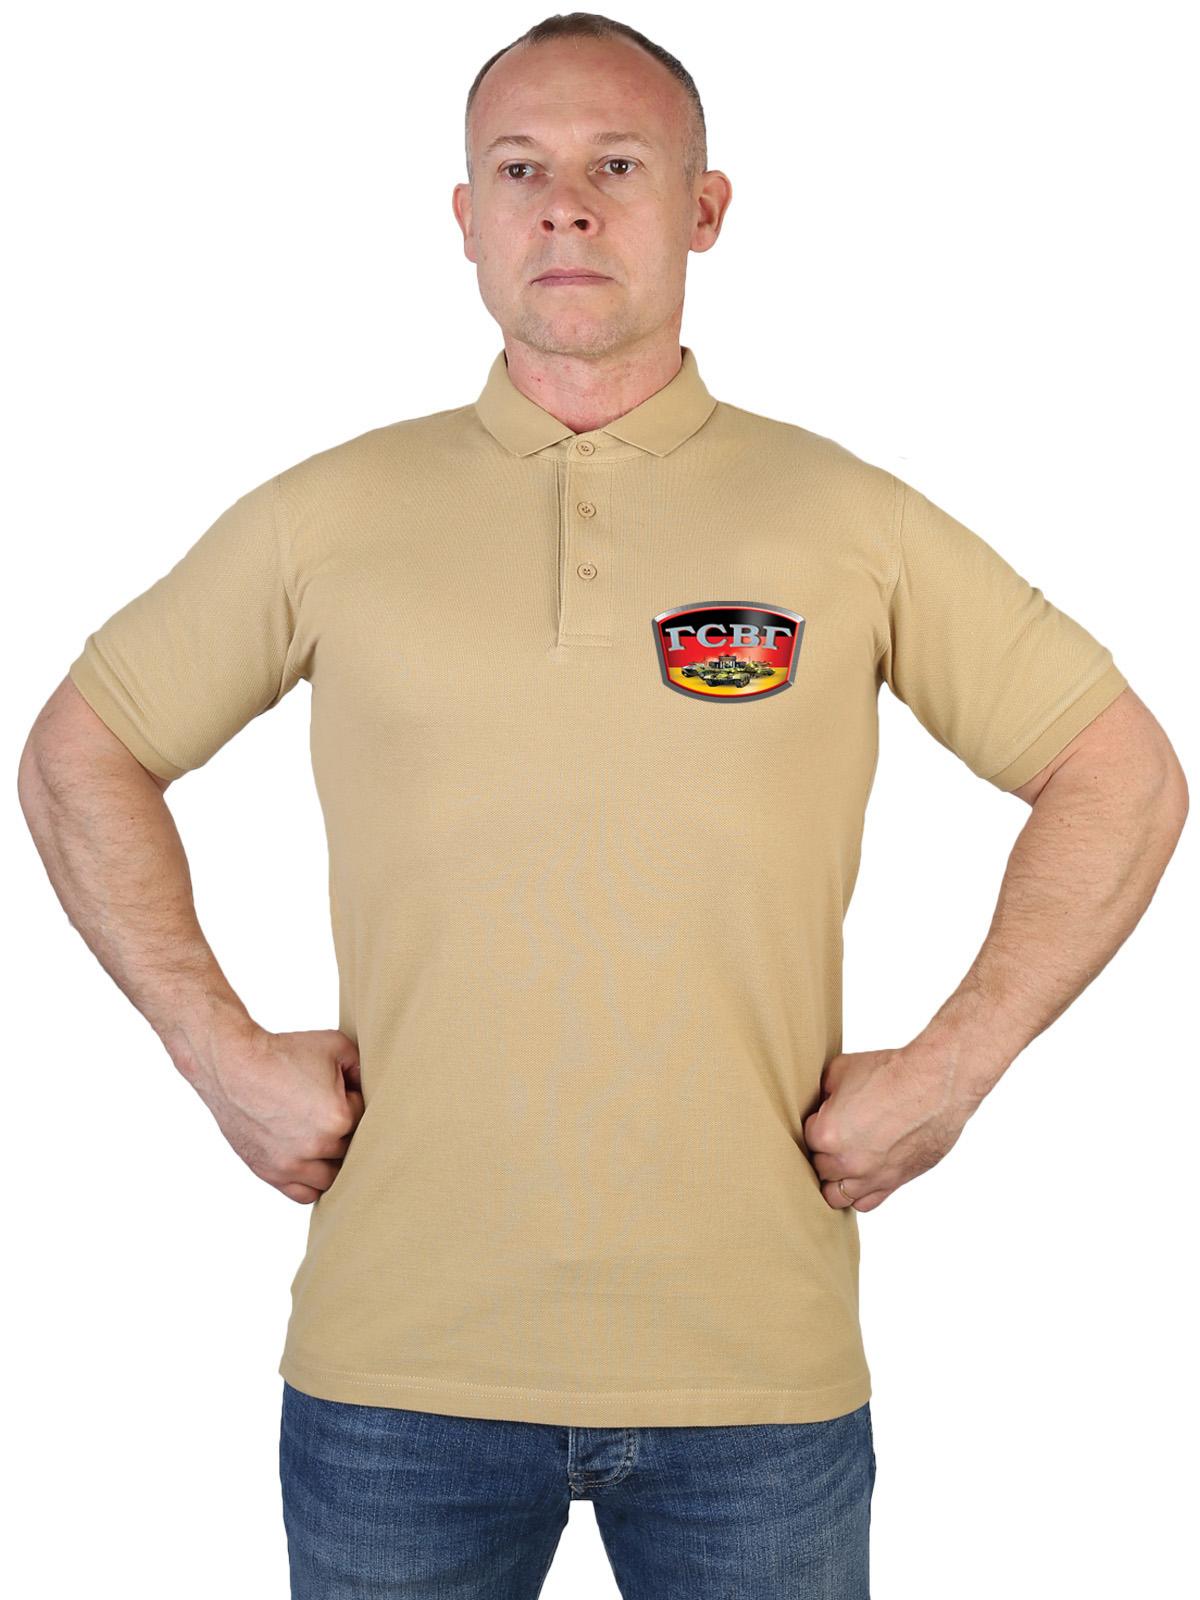 Купить крутую песочную футболку-поло с термонаклейкой ГСВГ с доставкой